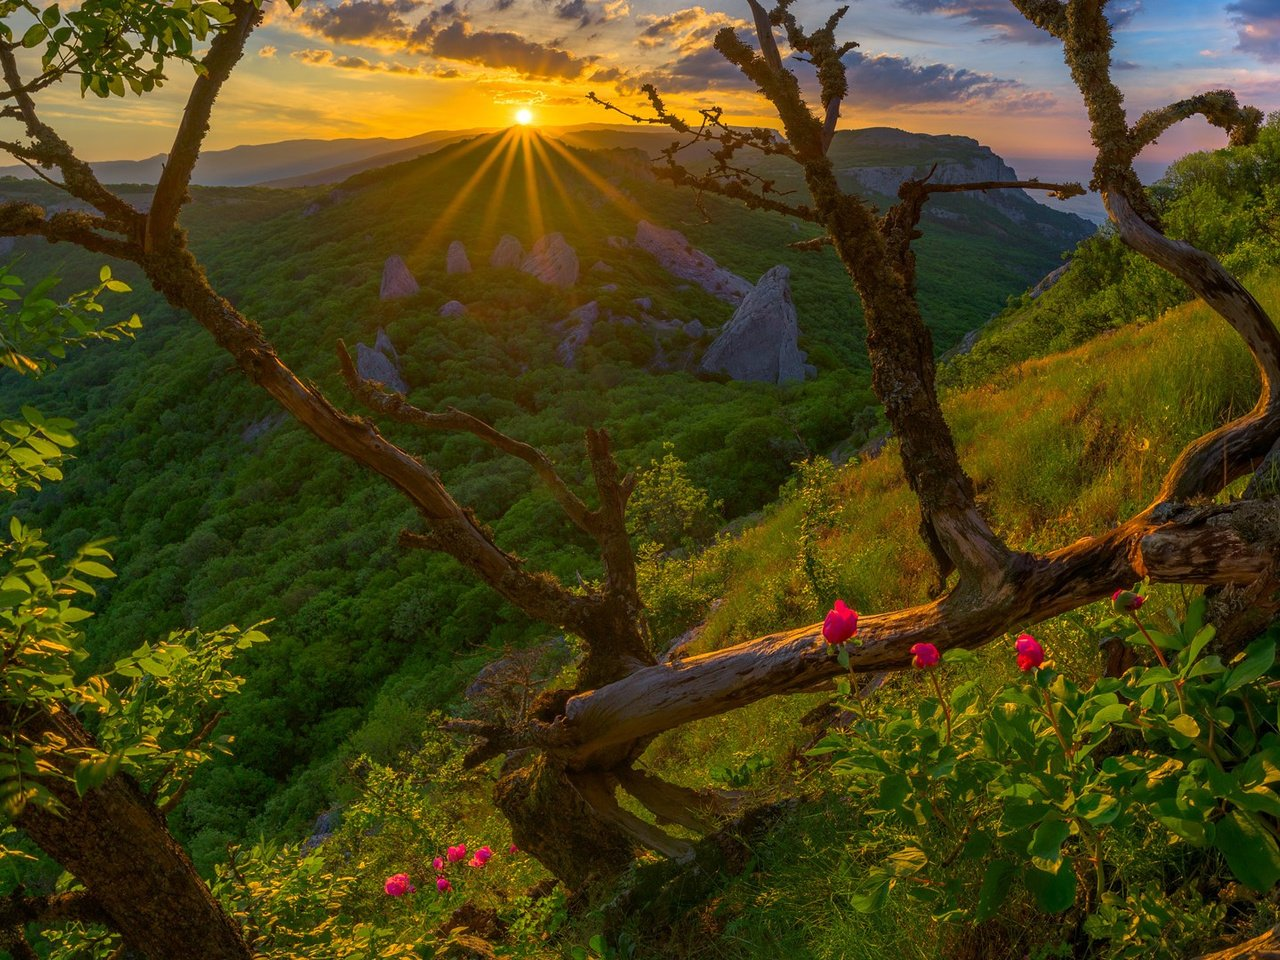 картинки хорошего утра природа запрещают крутить обруч